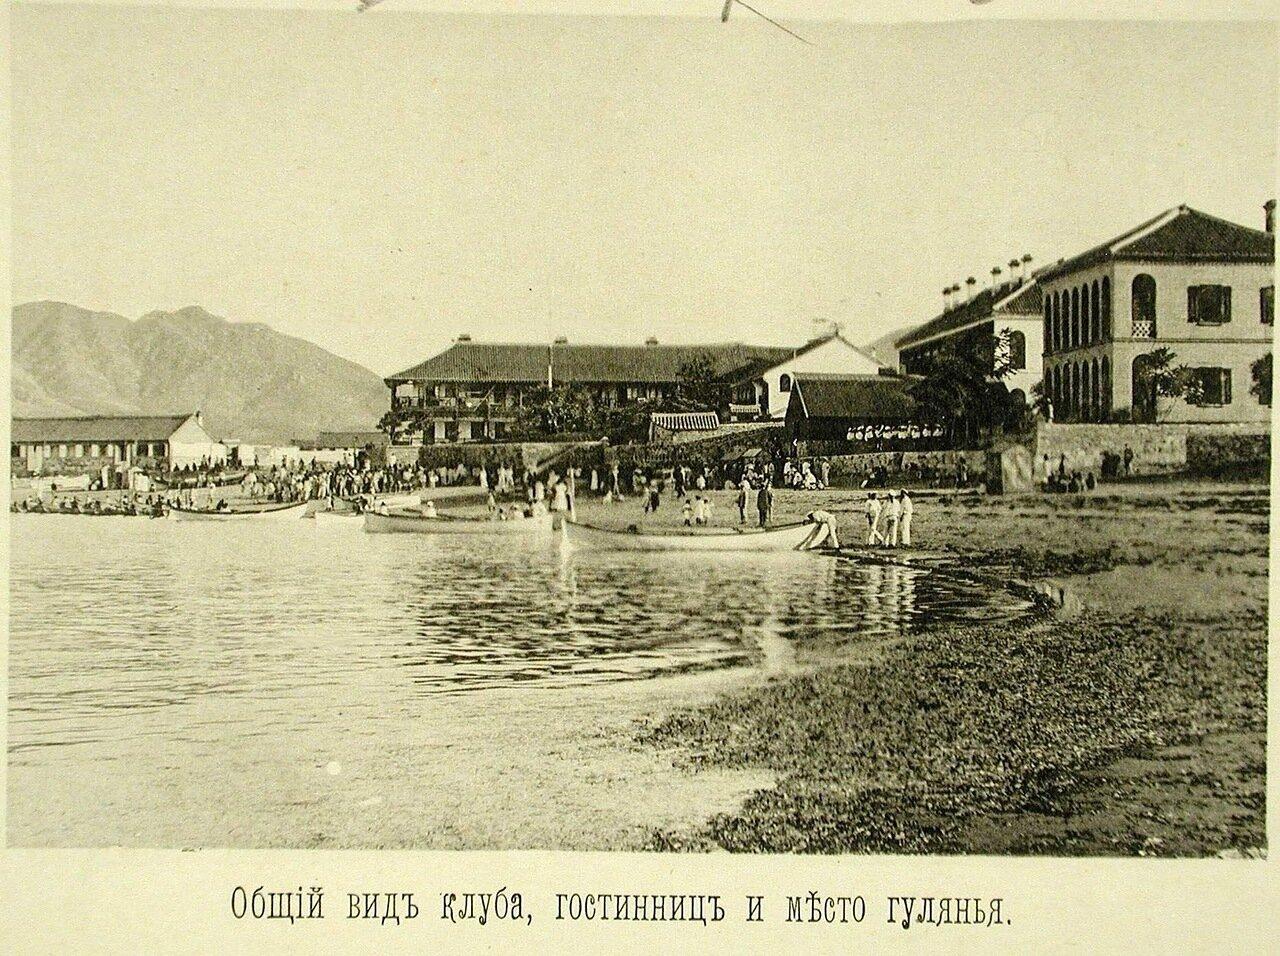 104. Вид здания гостиниц и клуба на побережье